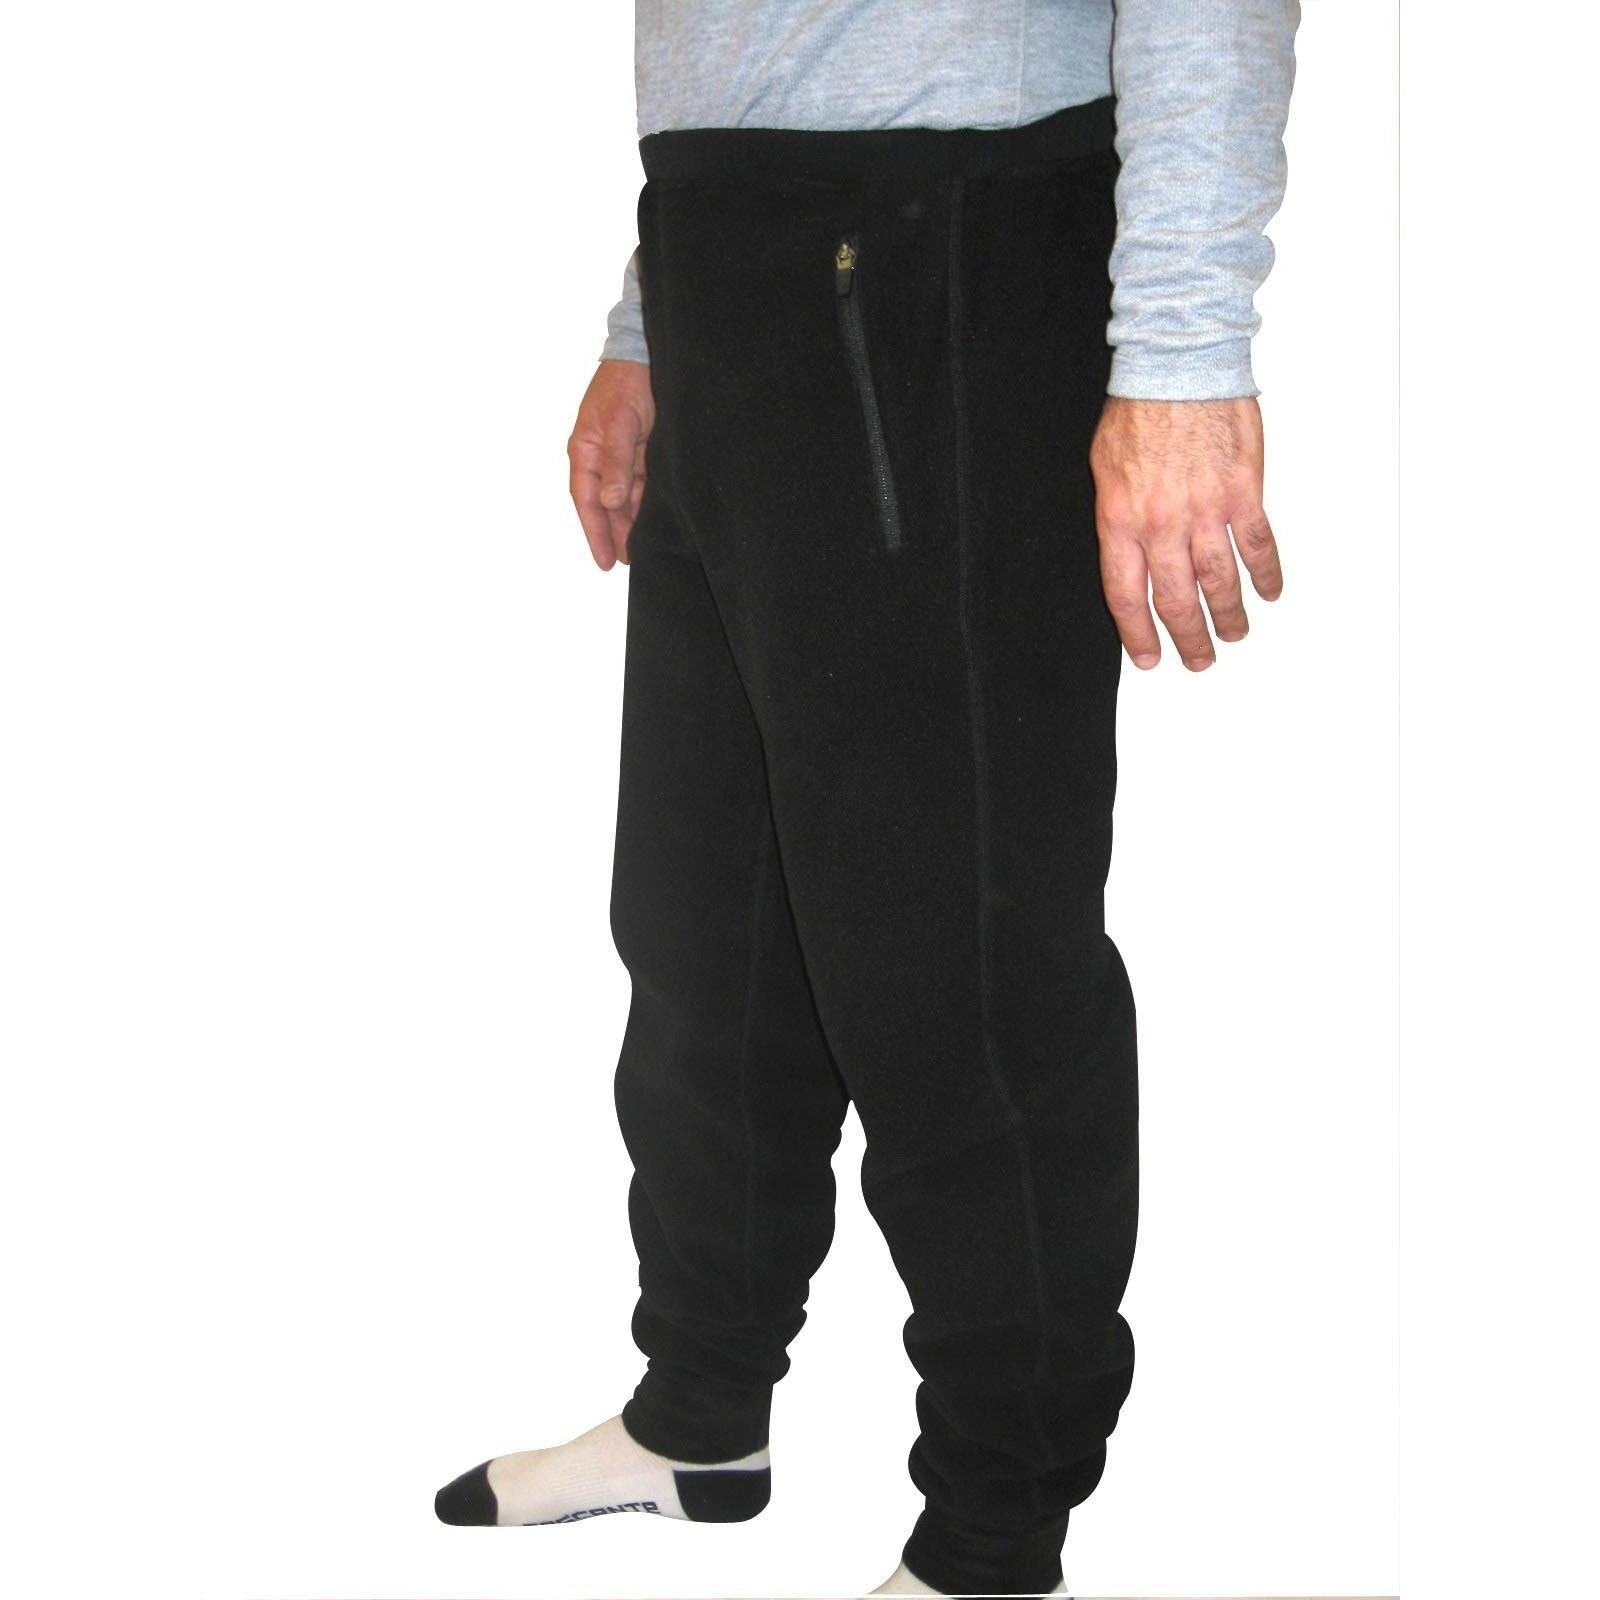 Spiral Men S Polartec 200 Fleece Pants 30 Inch Inseam Overstock 9409773 Extra Large